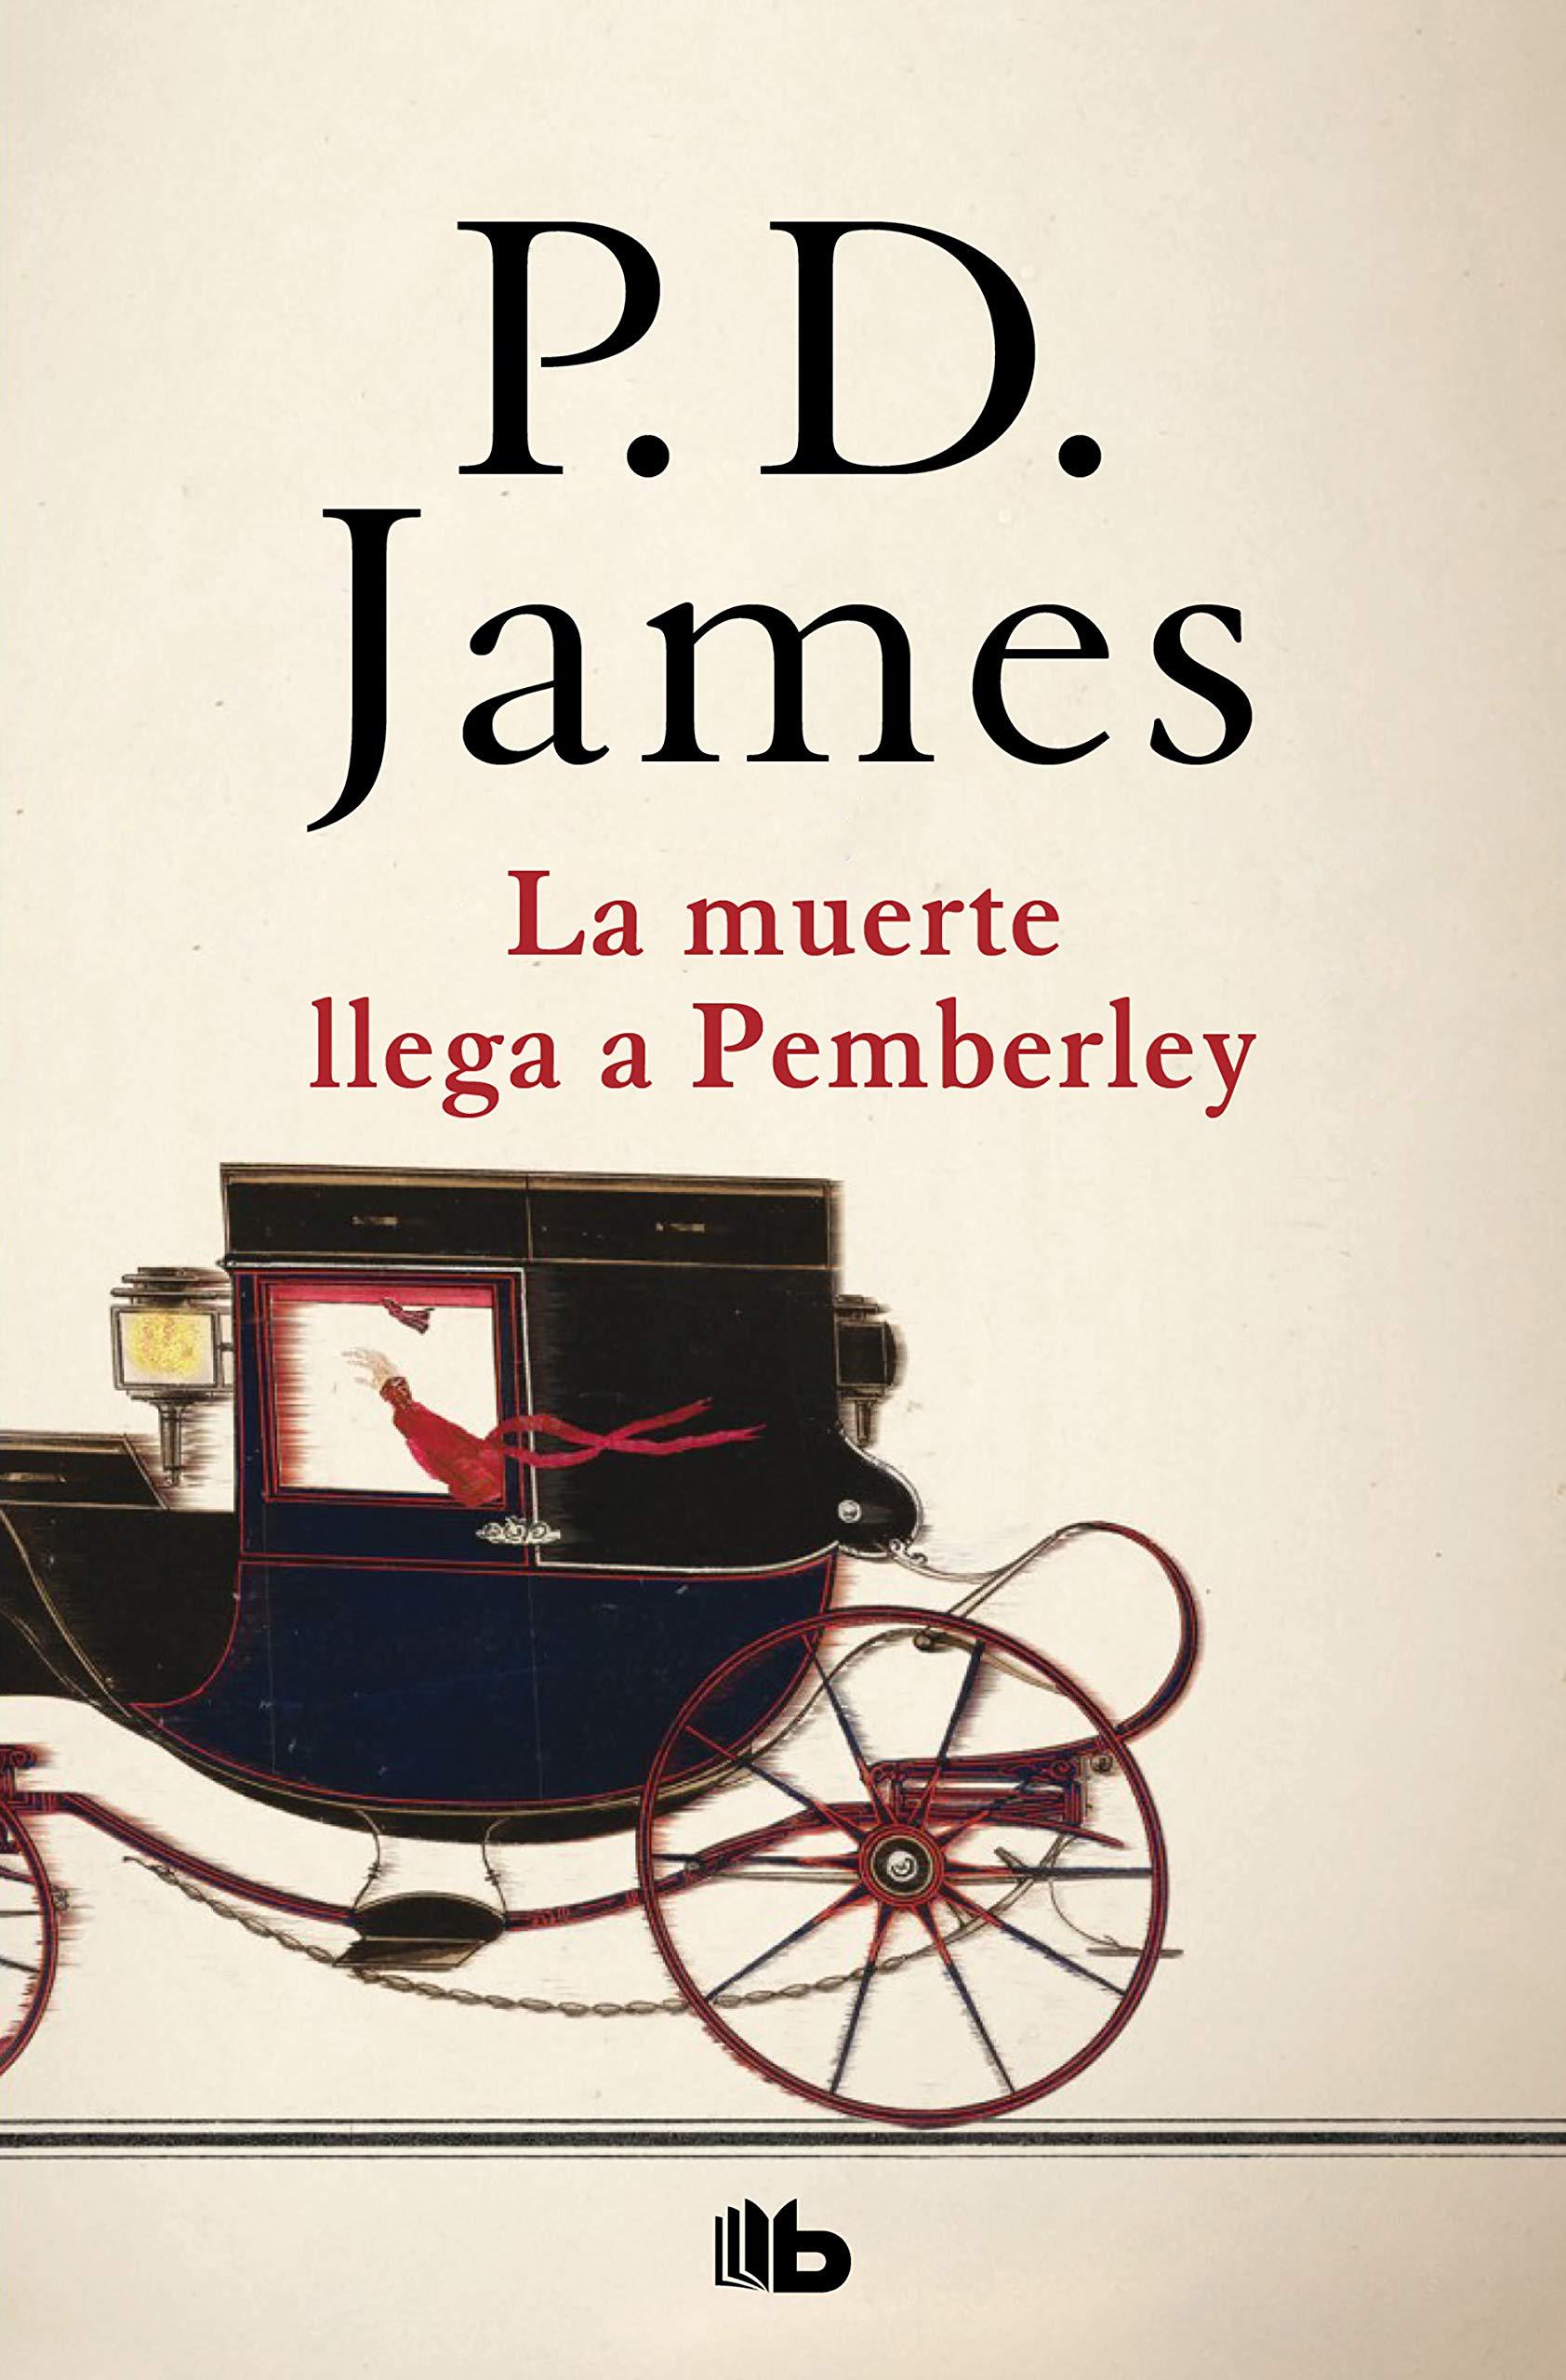 La muerte llega a Pemberley, P. D. James 81tDMDr8SXL